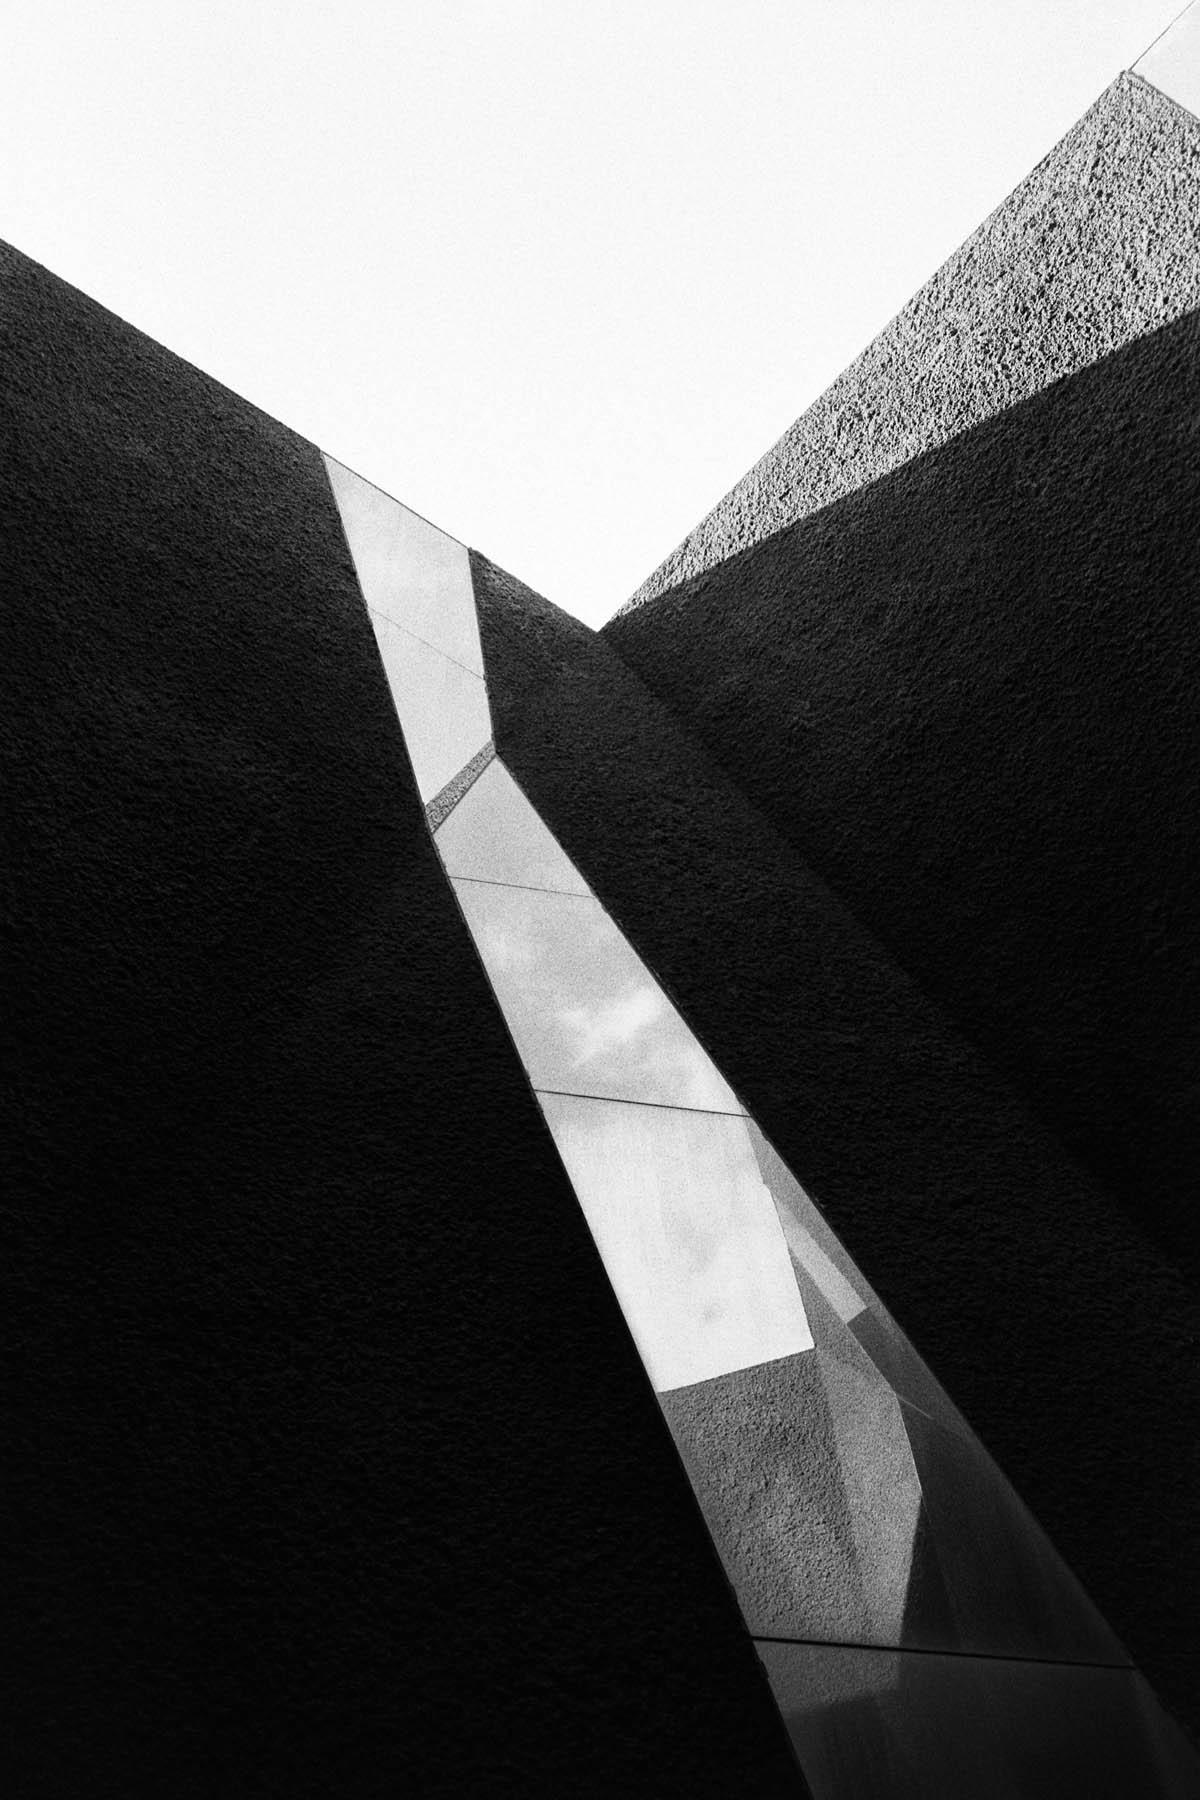 Incomplete Triangles | Leica M6 , Zeiss C Biogon 35mm F2.8, Rollei RPX 400 | Lilly Schwartz